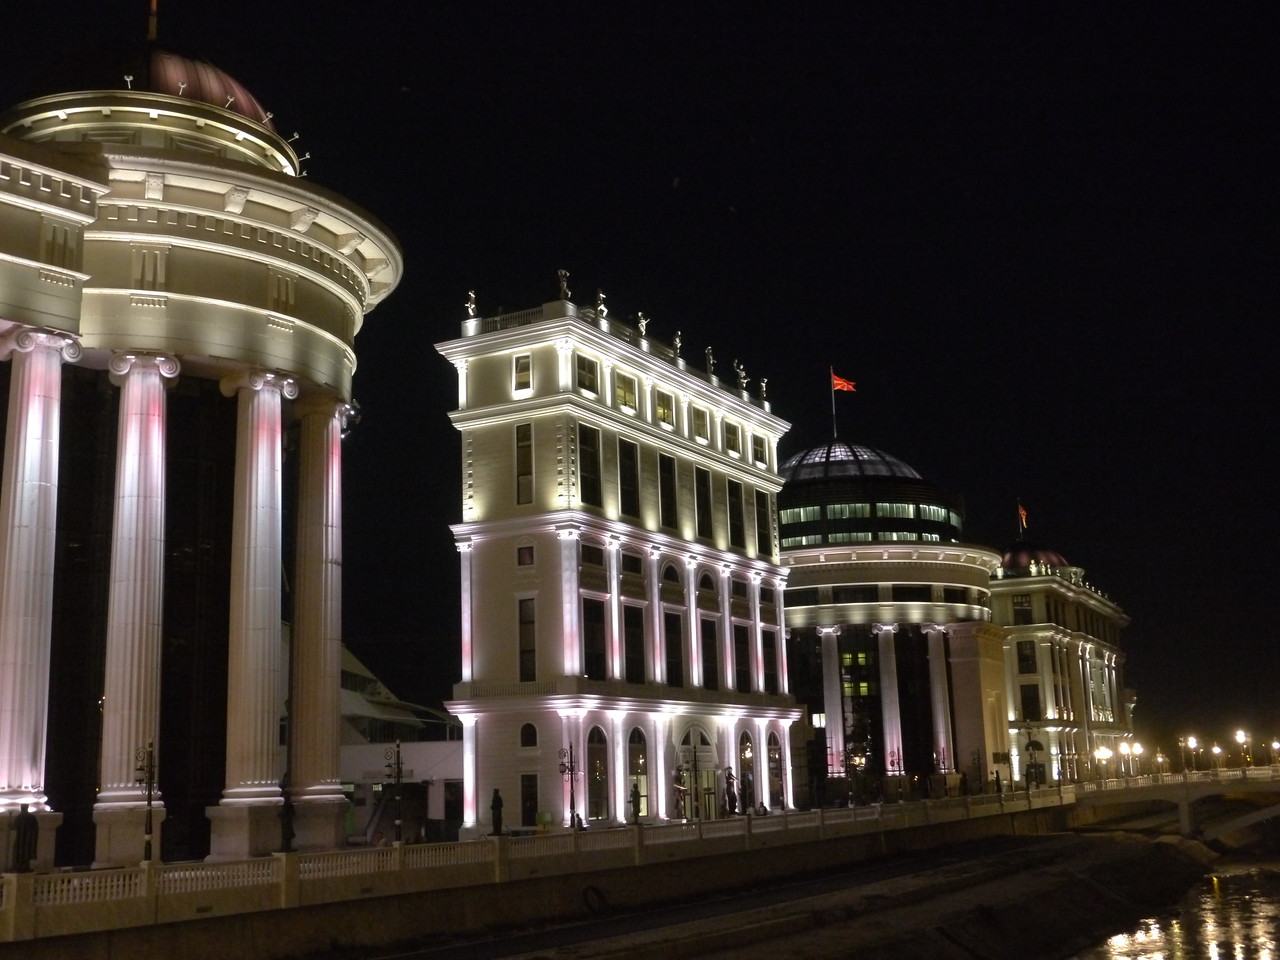 @ Aug. 2014 / Skopje, Skopje, , MKD, Mazedonien, 248 m ü/M, 26/08/2014 19:56:23